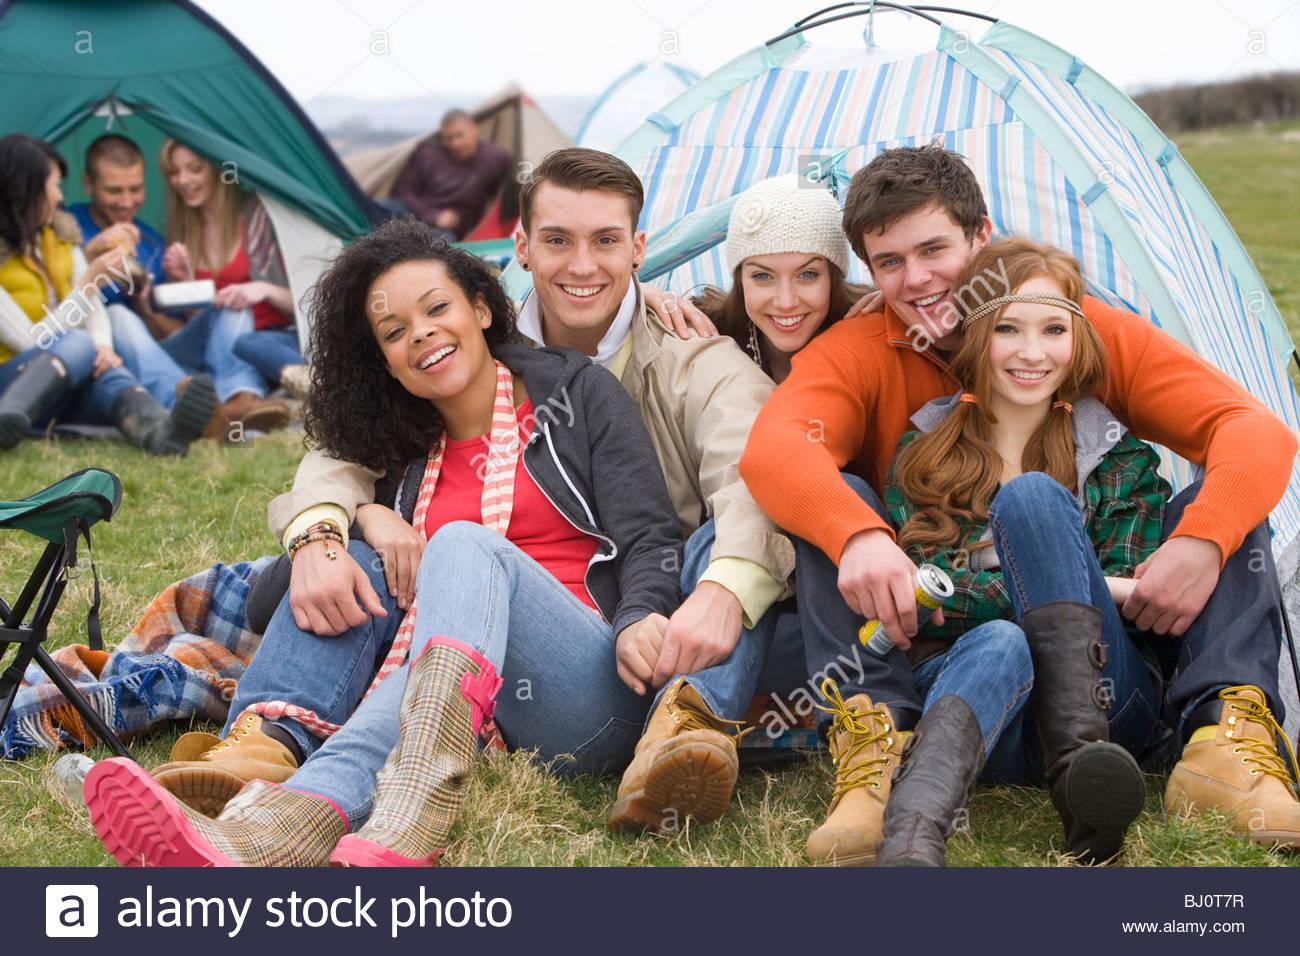 Las parejas felices camping en carpa y asistir al festival al aire libre Imagen De Stock